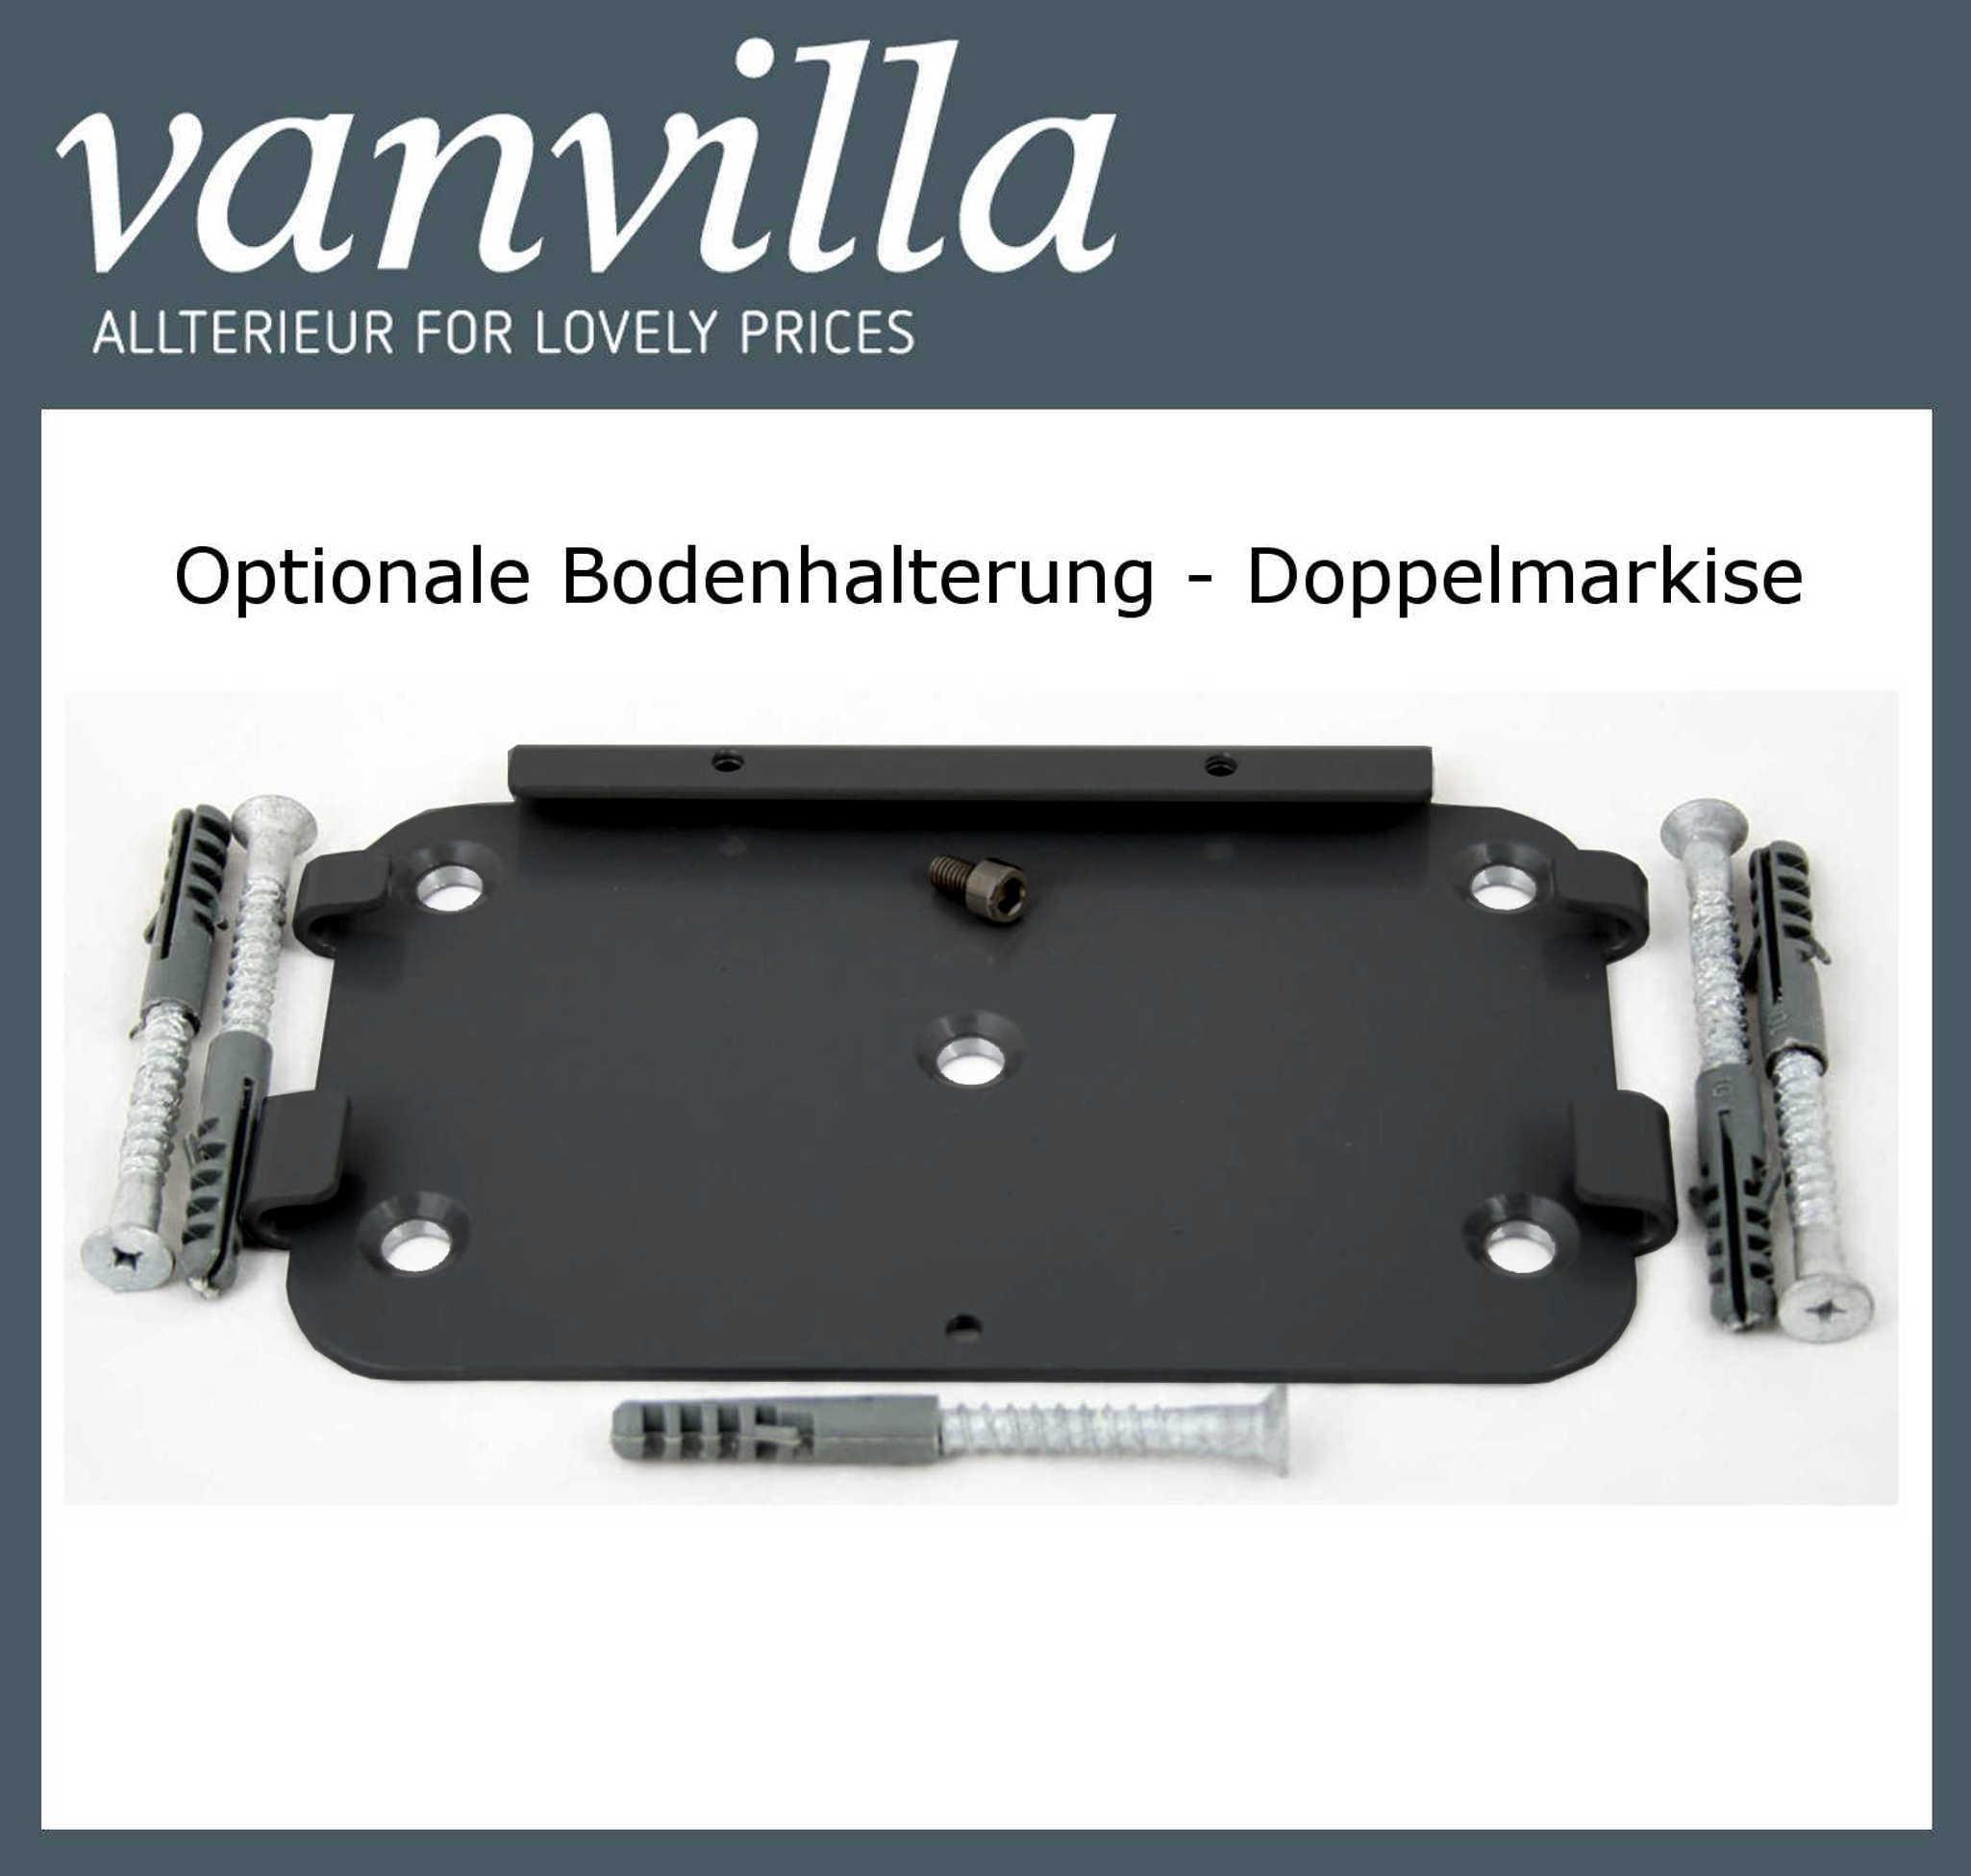 vanvilla Bodenhalterung für Doppelmarkise (Kassette) Anthrazit RAL 7016